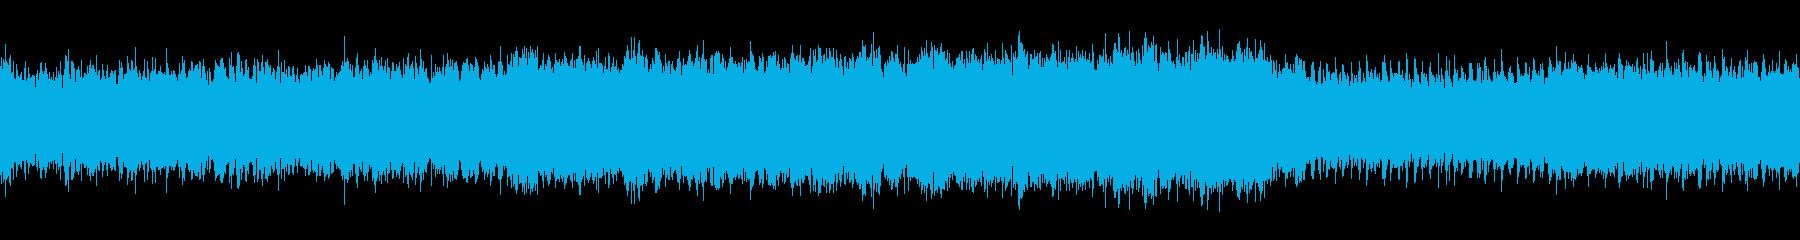 ループ オーケストラ・ロック ボス戦闘の再生済みの波形